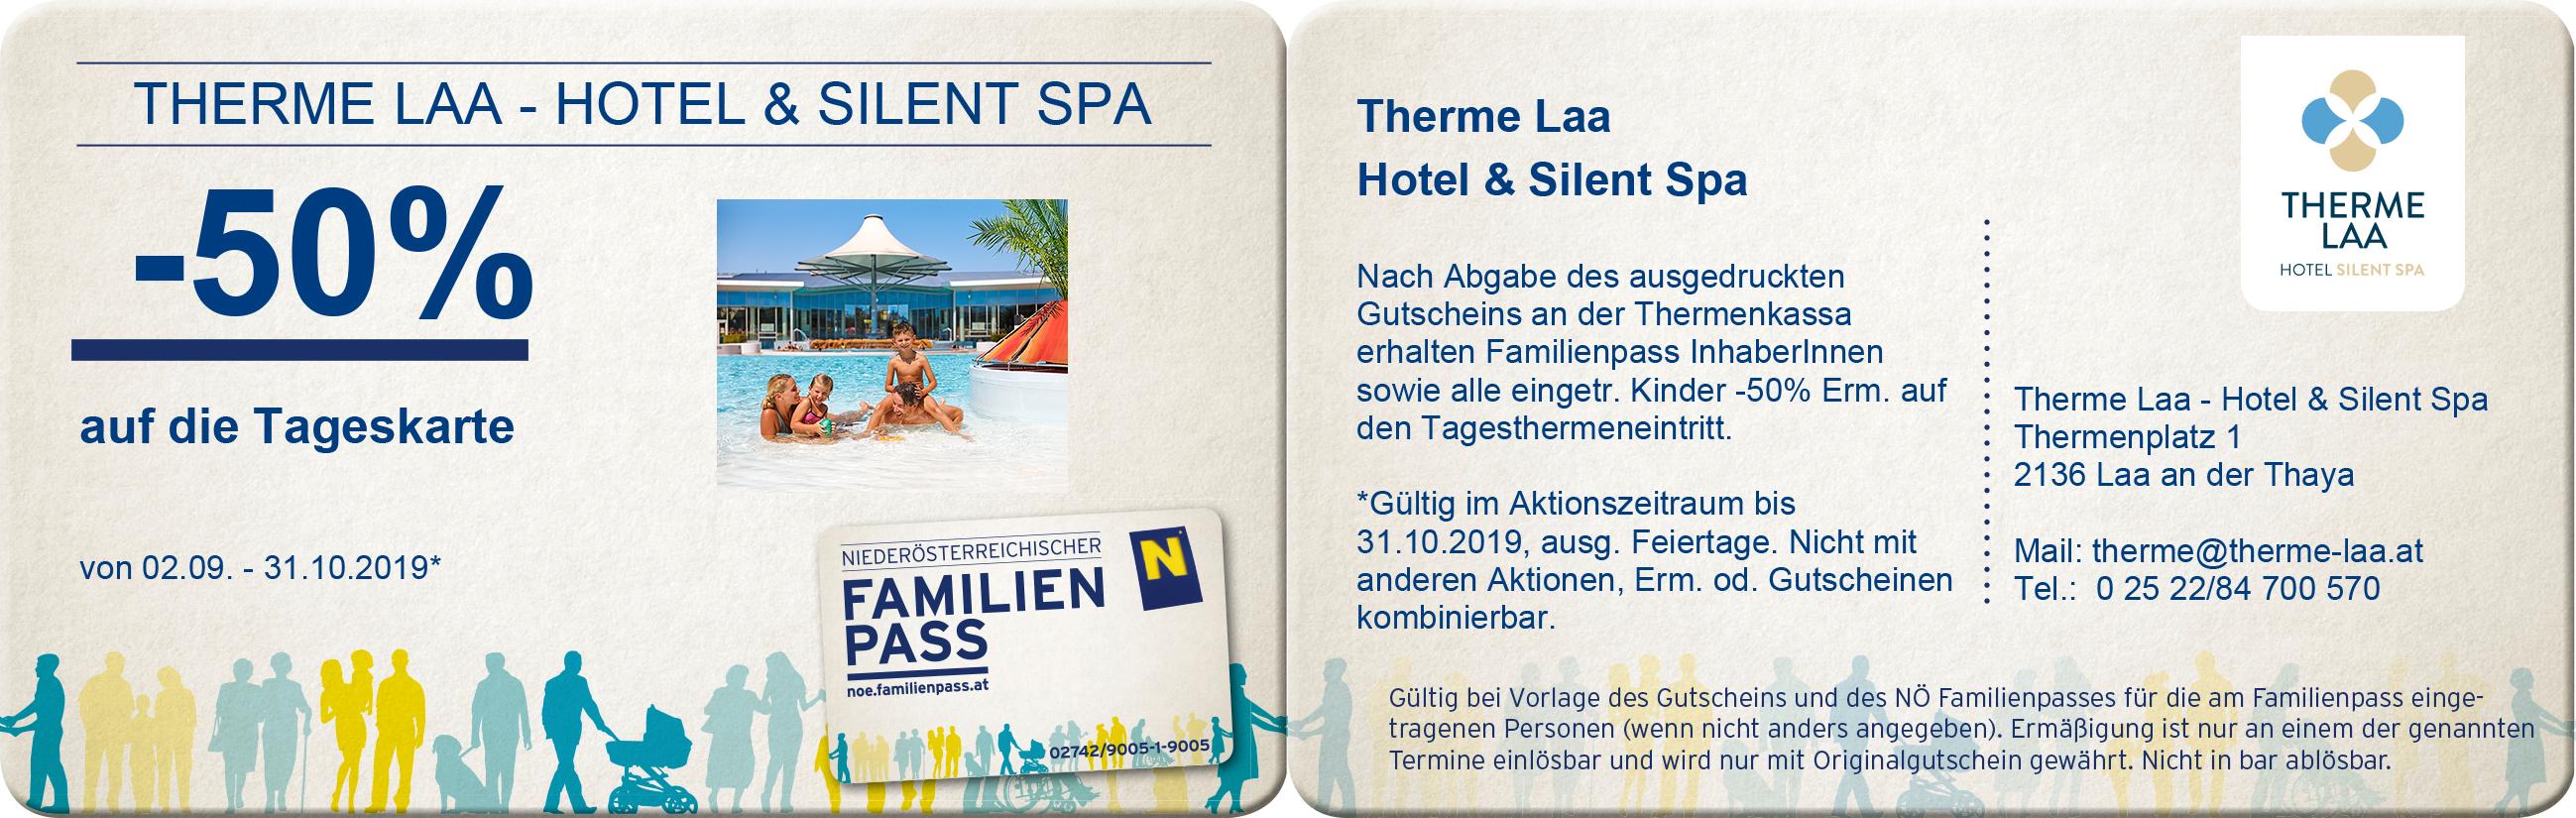 Therme Laa Hotel & Spa -50% auf die Tageskarte